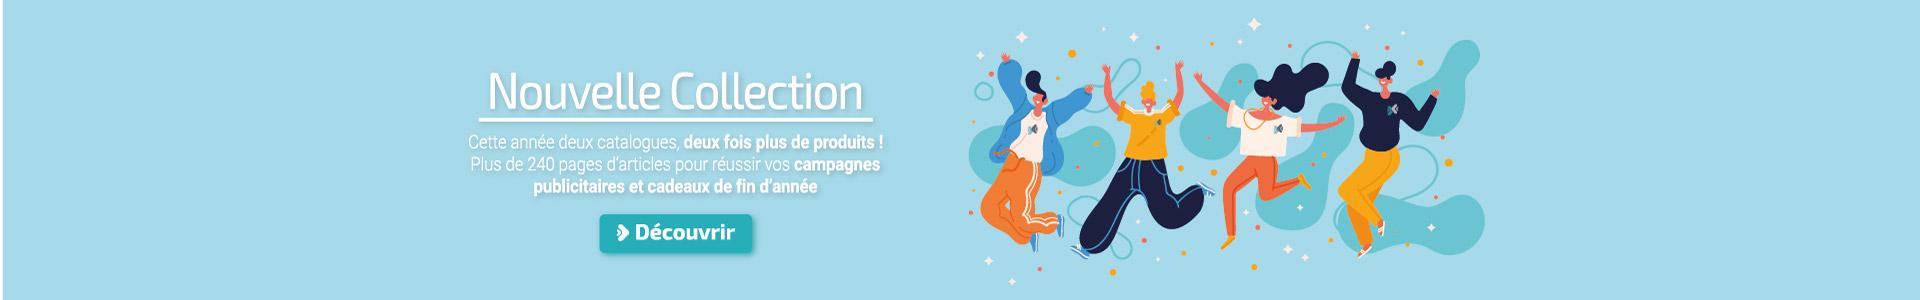 Objets publicitaires cadeaux de fin d'année communication par l'objet sbcd tunisie